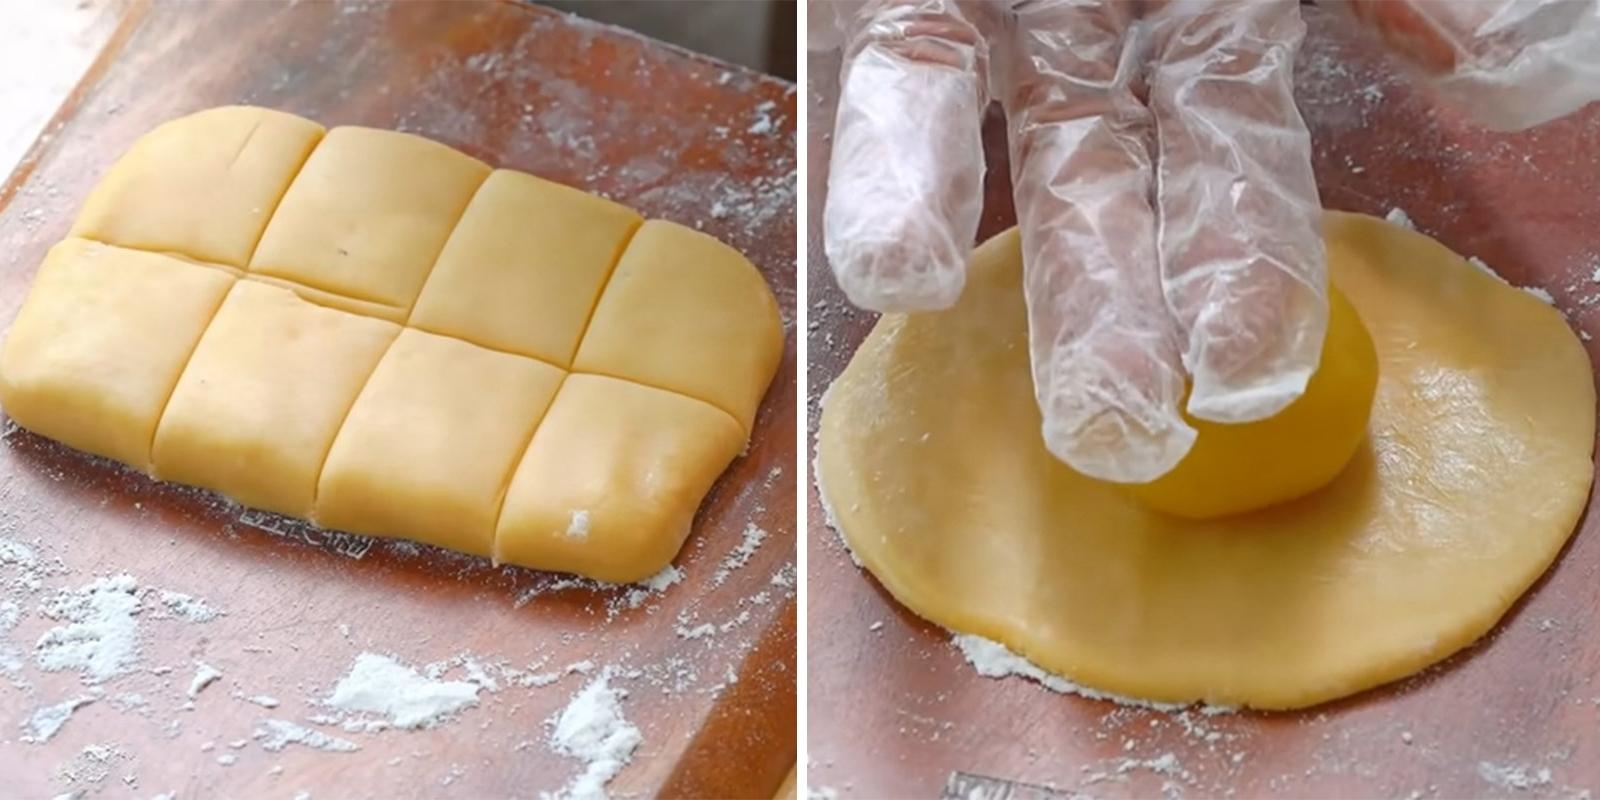 bọc nhân đậu xanh bánh Trung Thu trong bỏ bánh